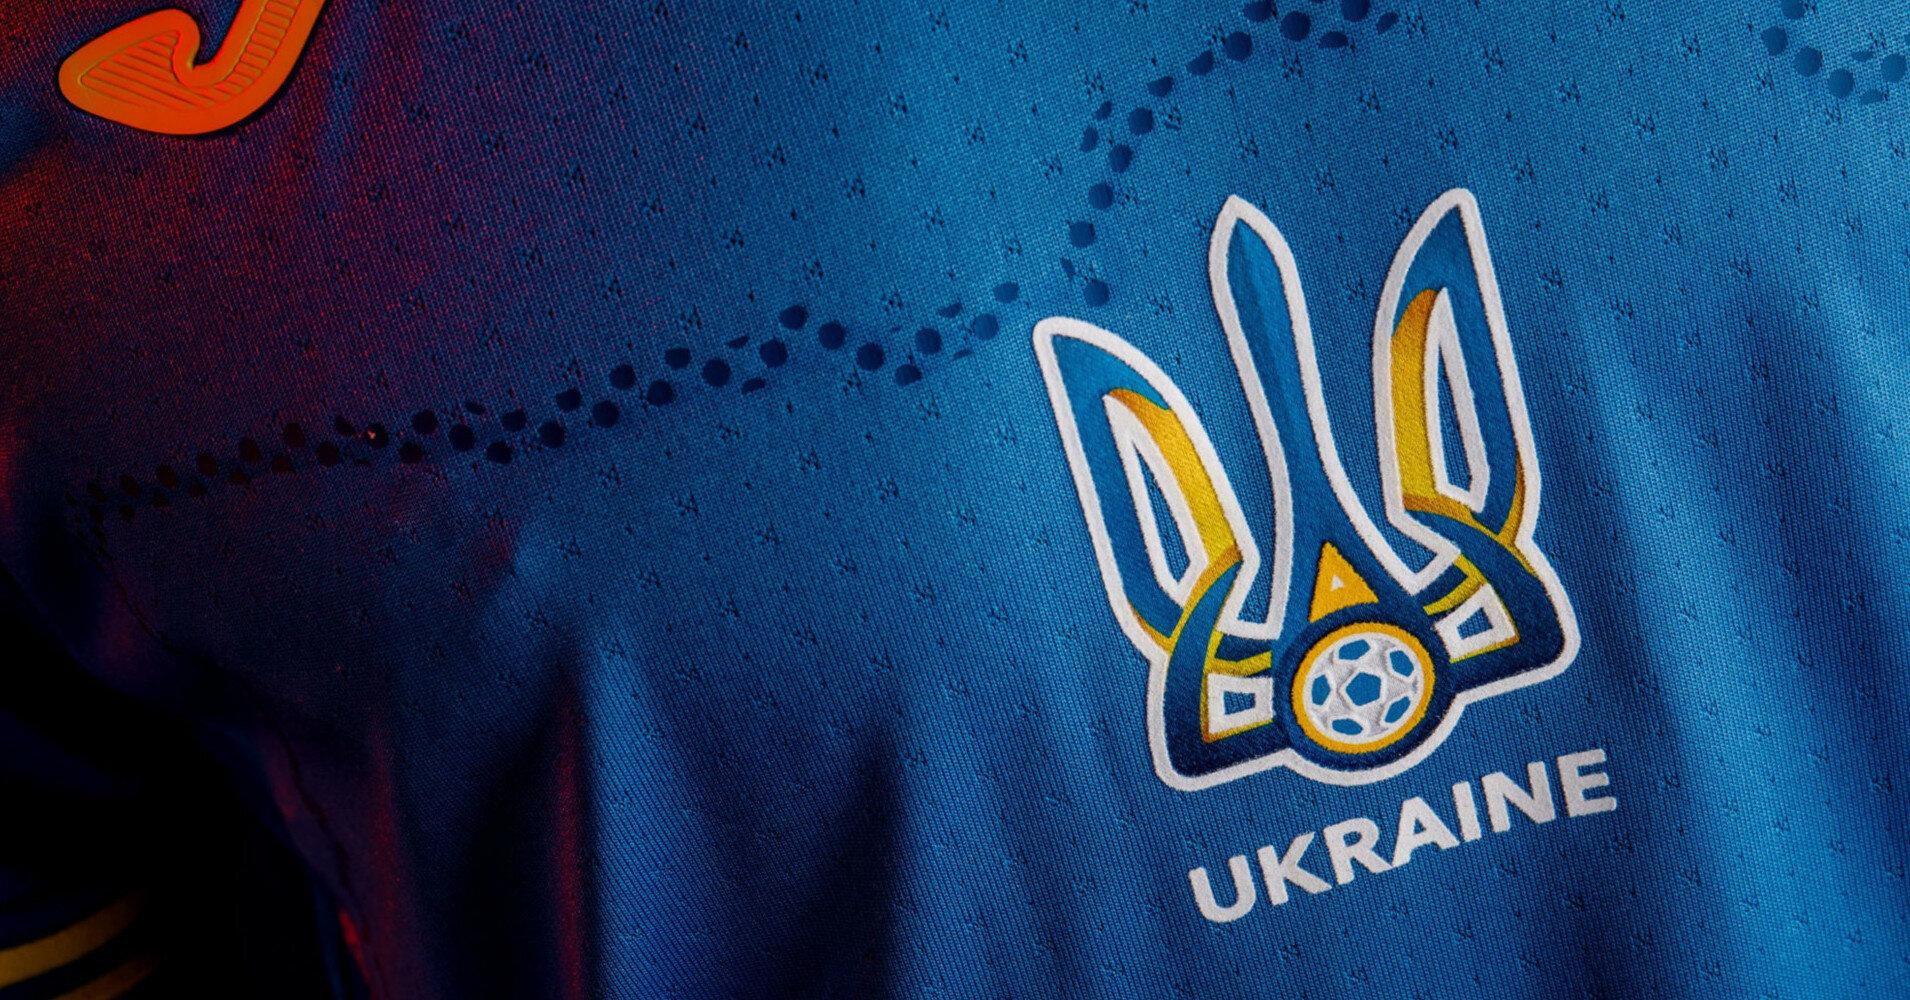 Австрия отрывается от Украины в таблице коэффициентов УЕФА